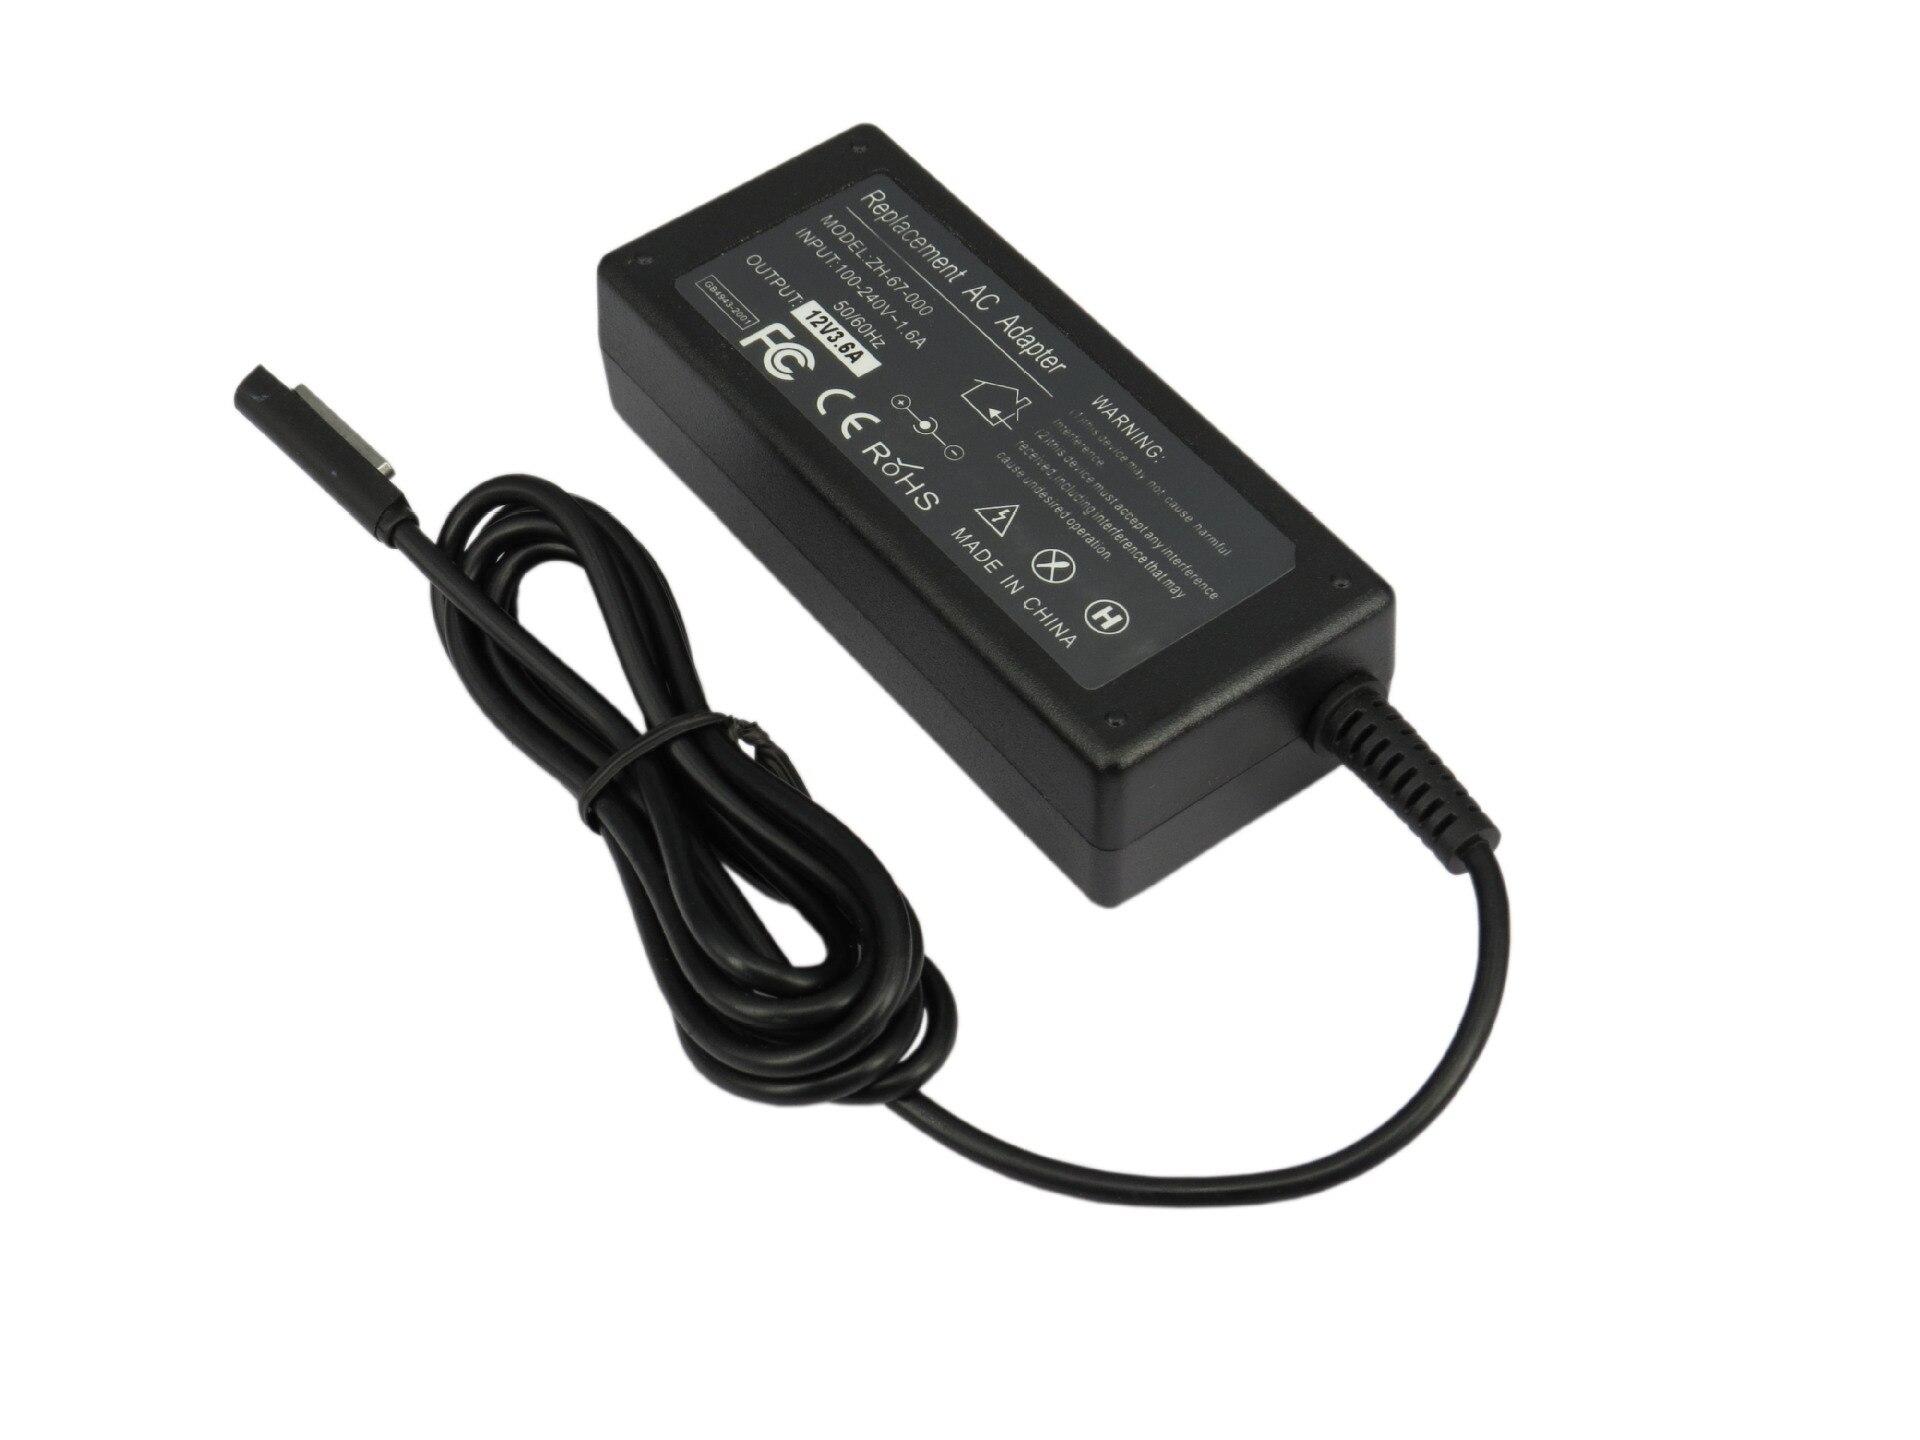 12 В 3.6A 45 Вт ноутбук AC Адаптеры питания для Microsoft поверхности PRO1 PRO2 RT Планшеты обувь по заводским ценам высокое качество